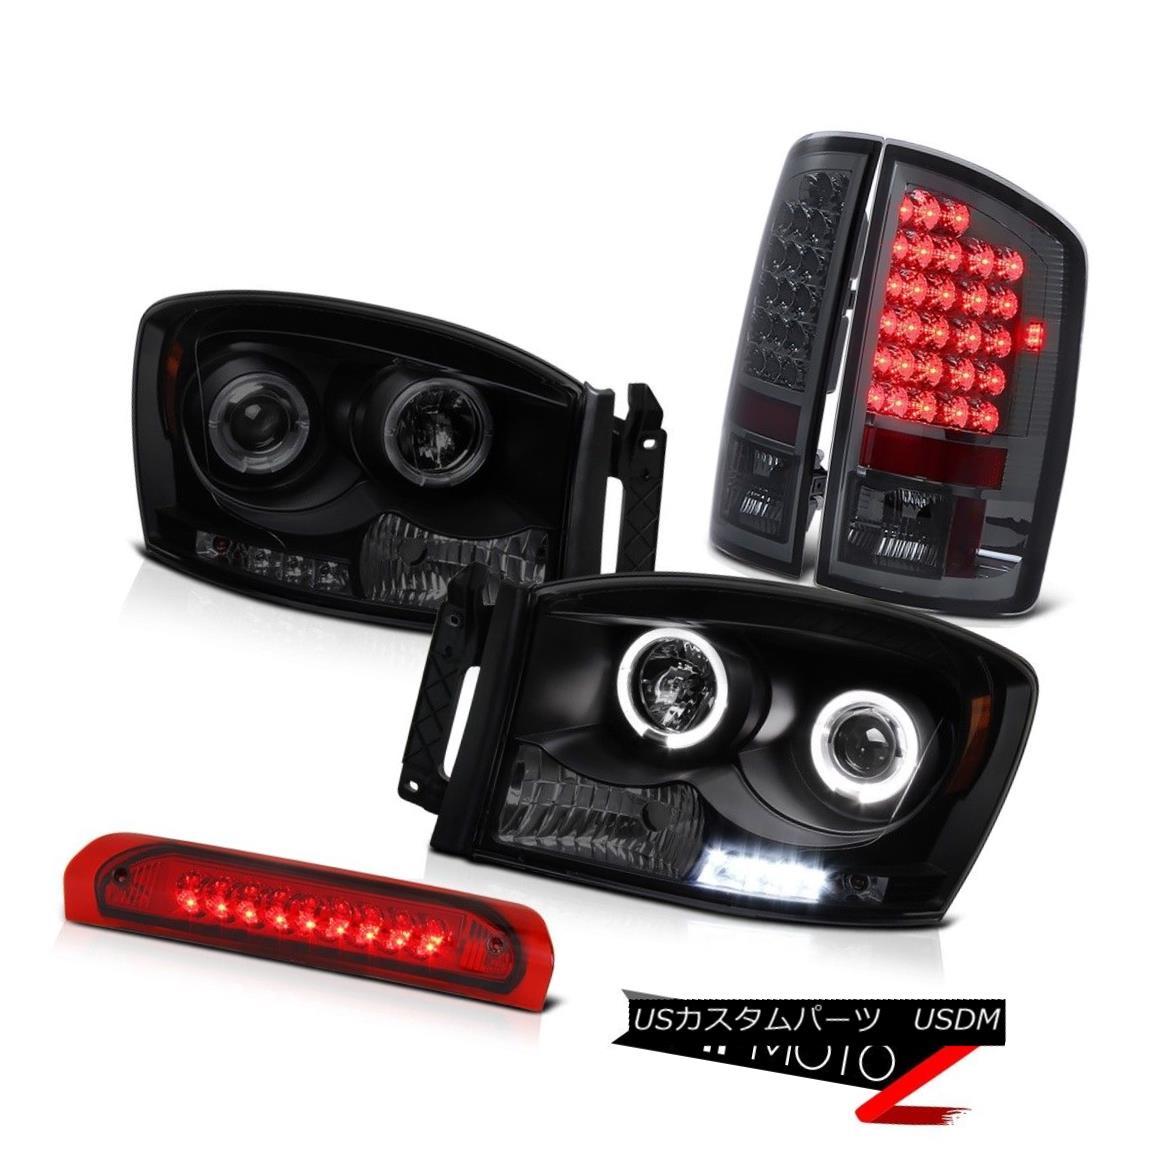 テールライト Halo Rim Headlight Smoke LED Brake Lamp Roof Red Ram Hemi 1500 5.7L WS 2007 2008 Halo RimヘッドライトスモークLEDブレーキランプRoof Red Ram Hemi 1500 5.7L WS 2007 2008